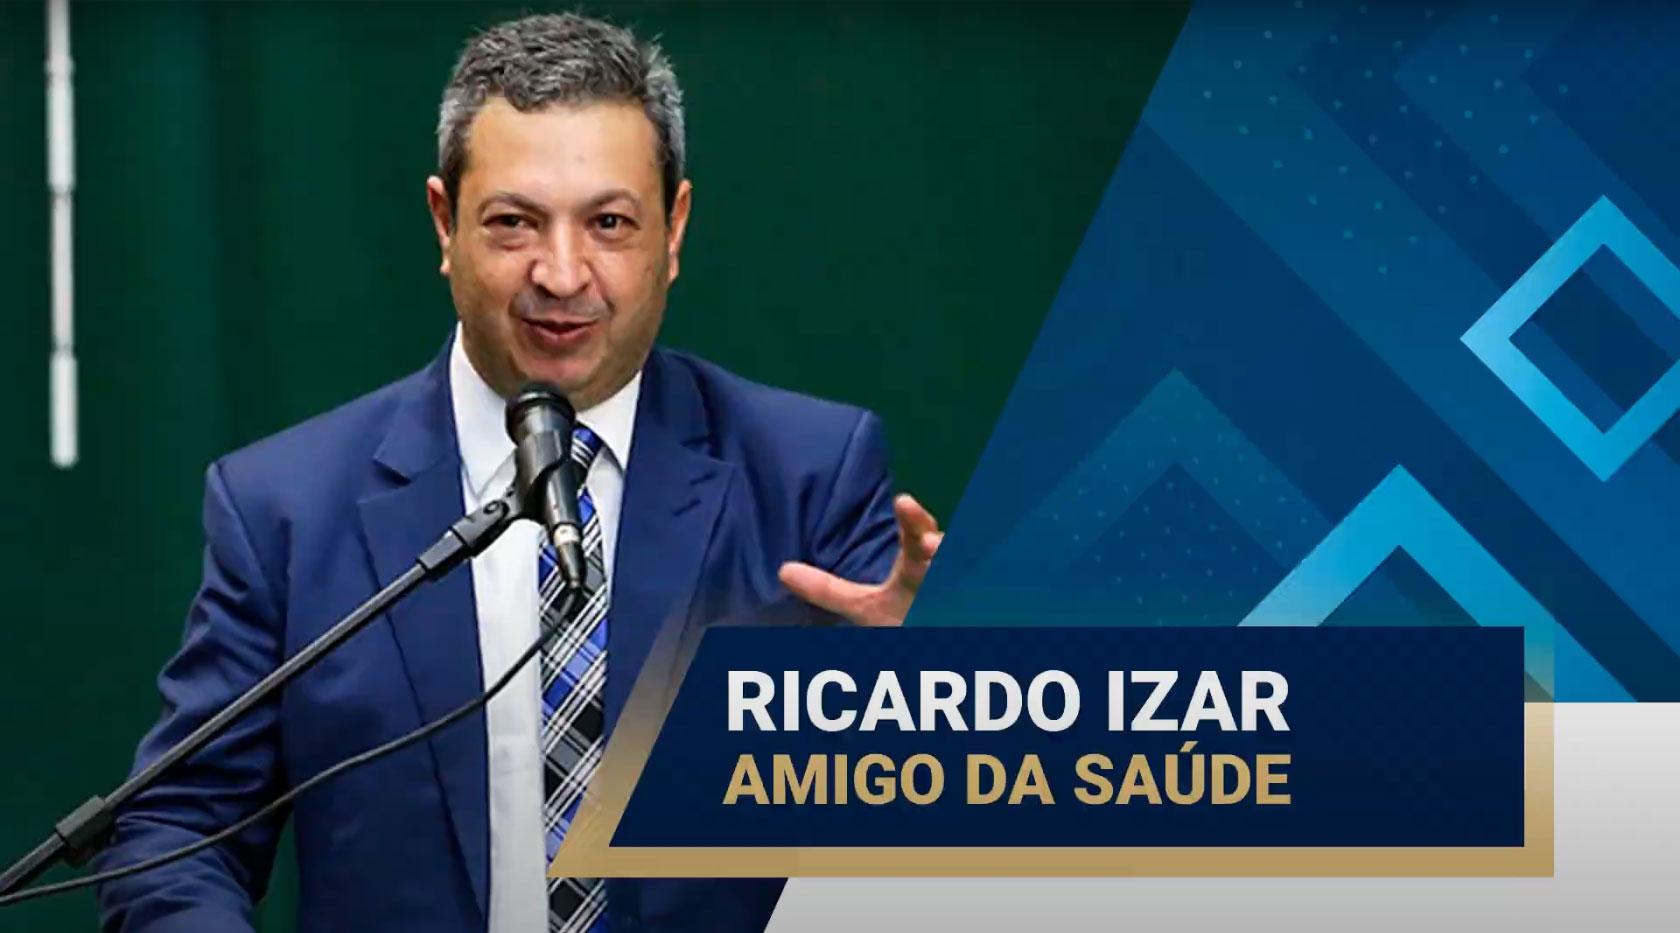 deputado-federal-ricardo-izar-e-amigo-da-saude - Acao Comunicativa